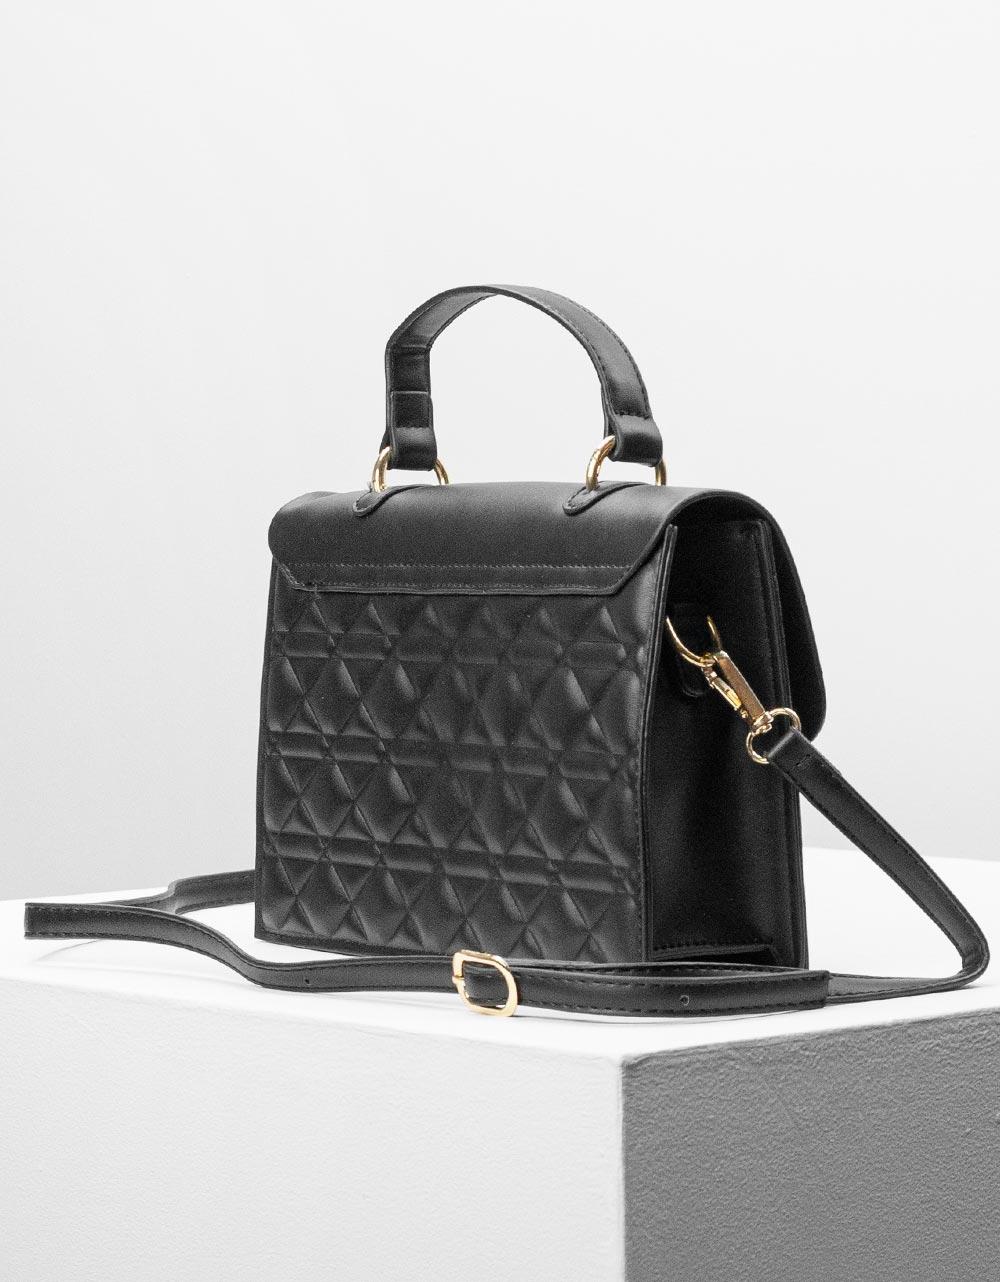 Εικόνα από Γυναικεία τσάντα ώμου & χιαστί σε καπιτονέ σχέδιο Μαύρο